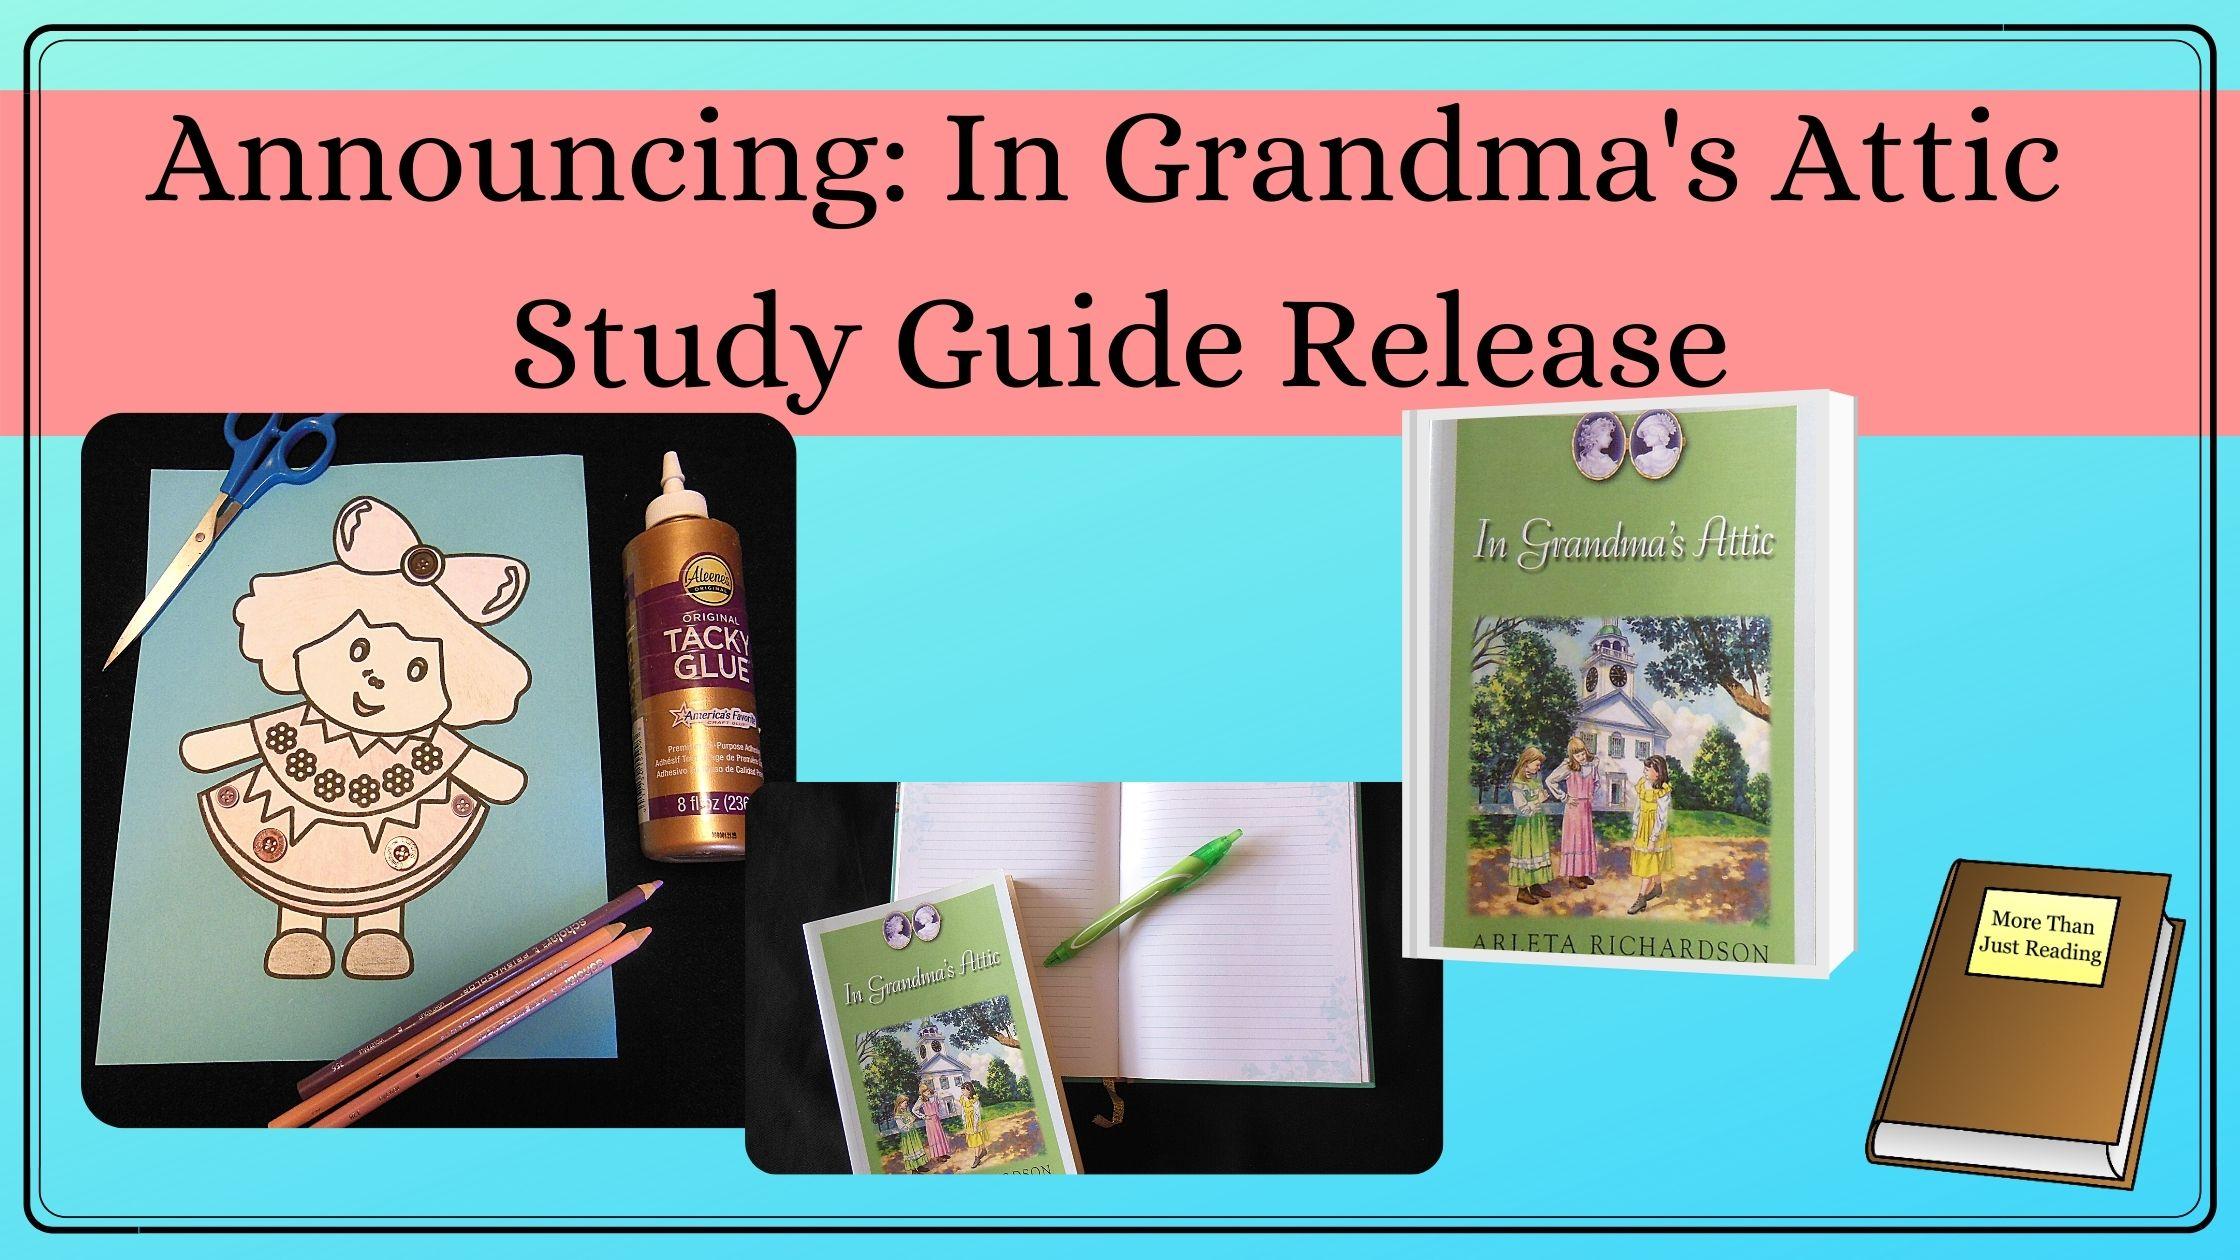 In Grandma's Attic Study Guide